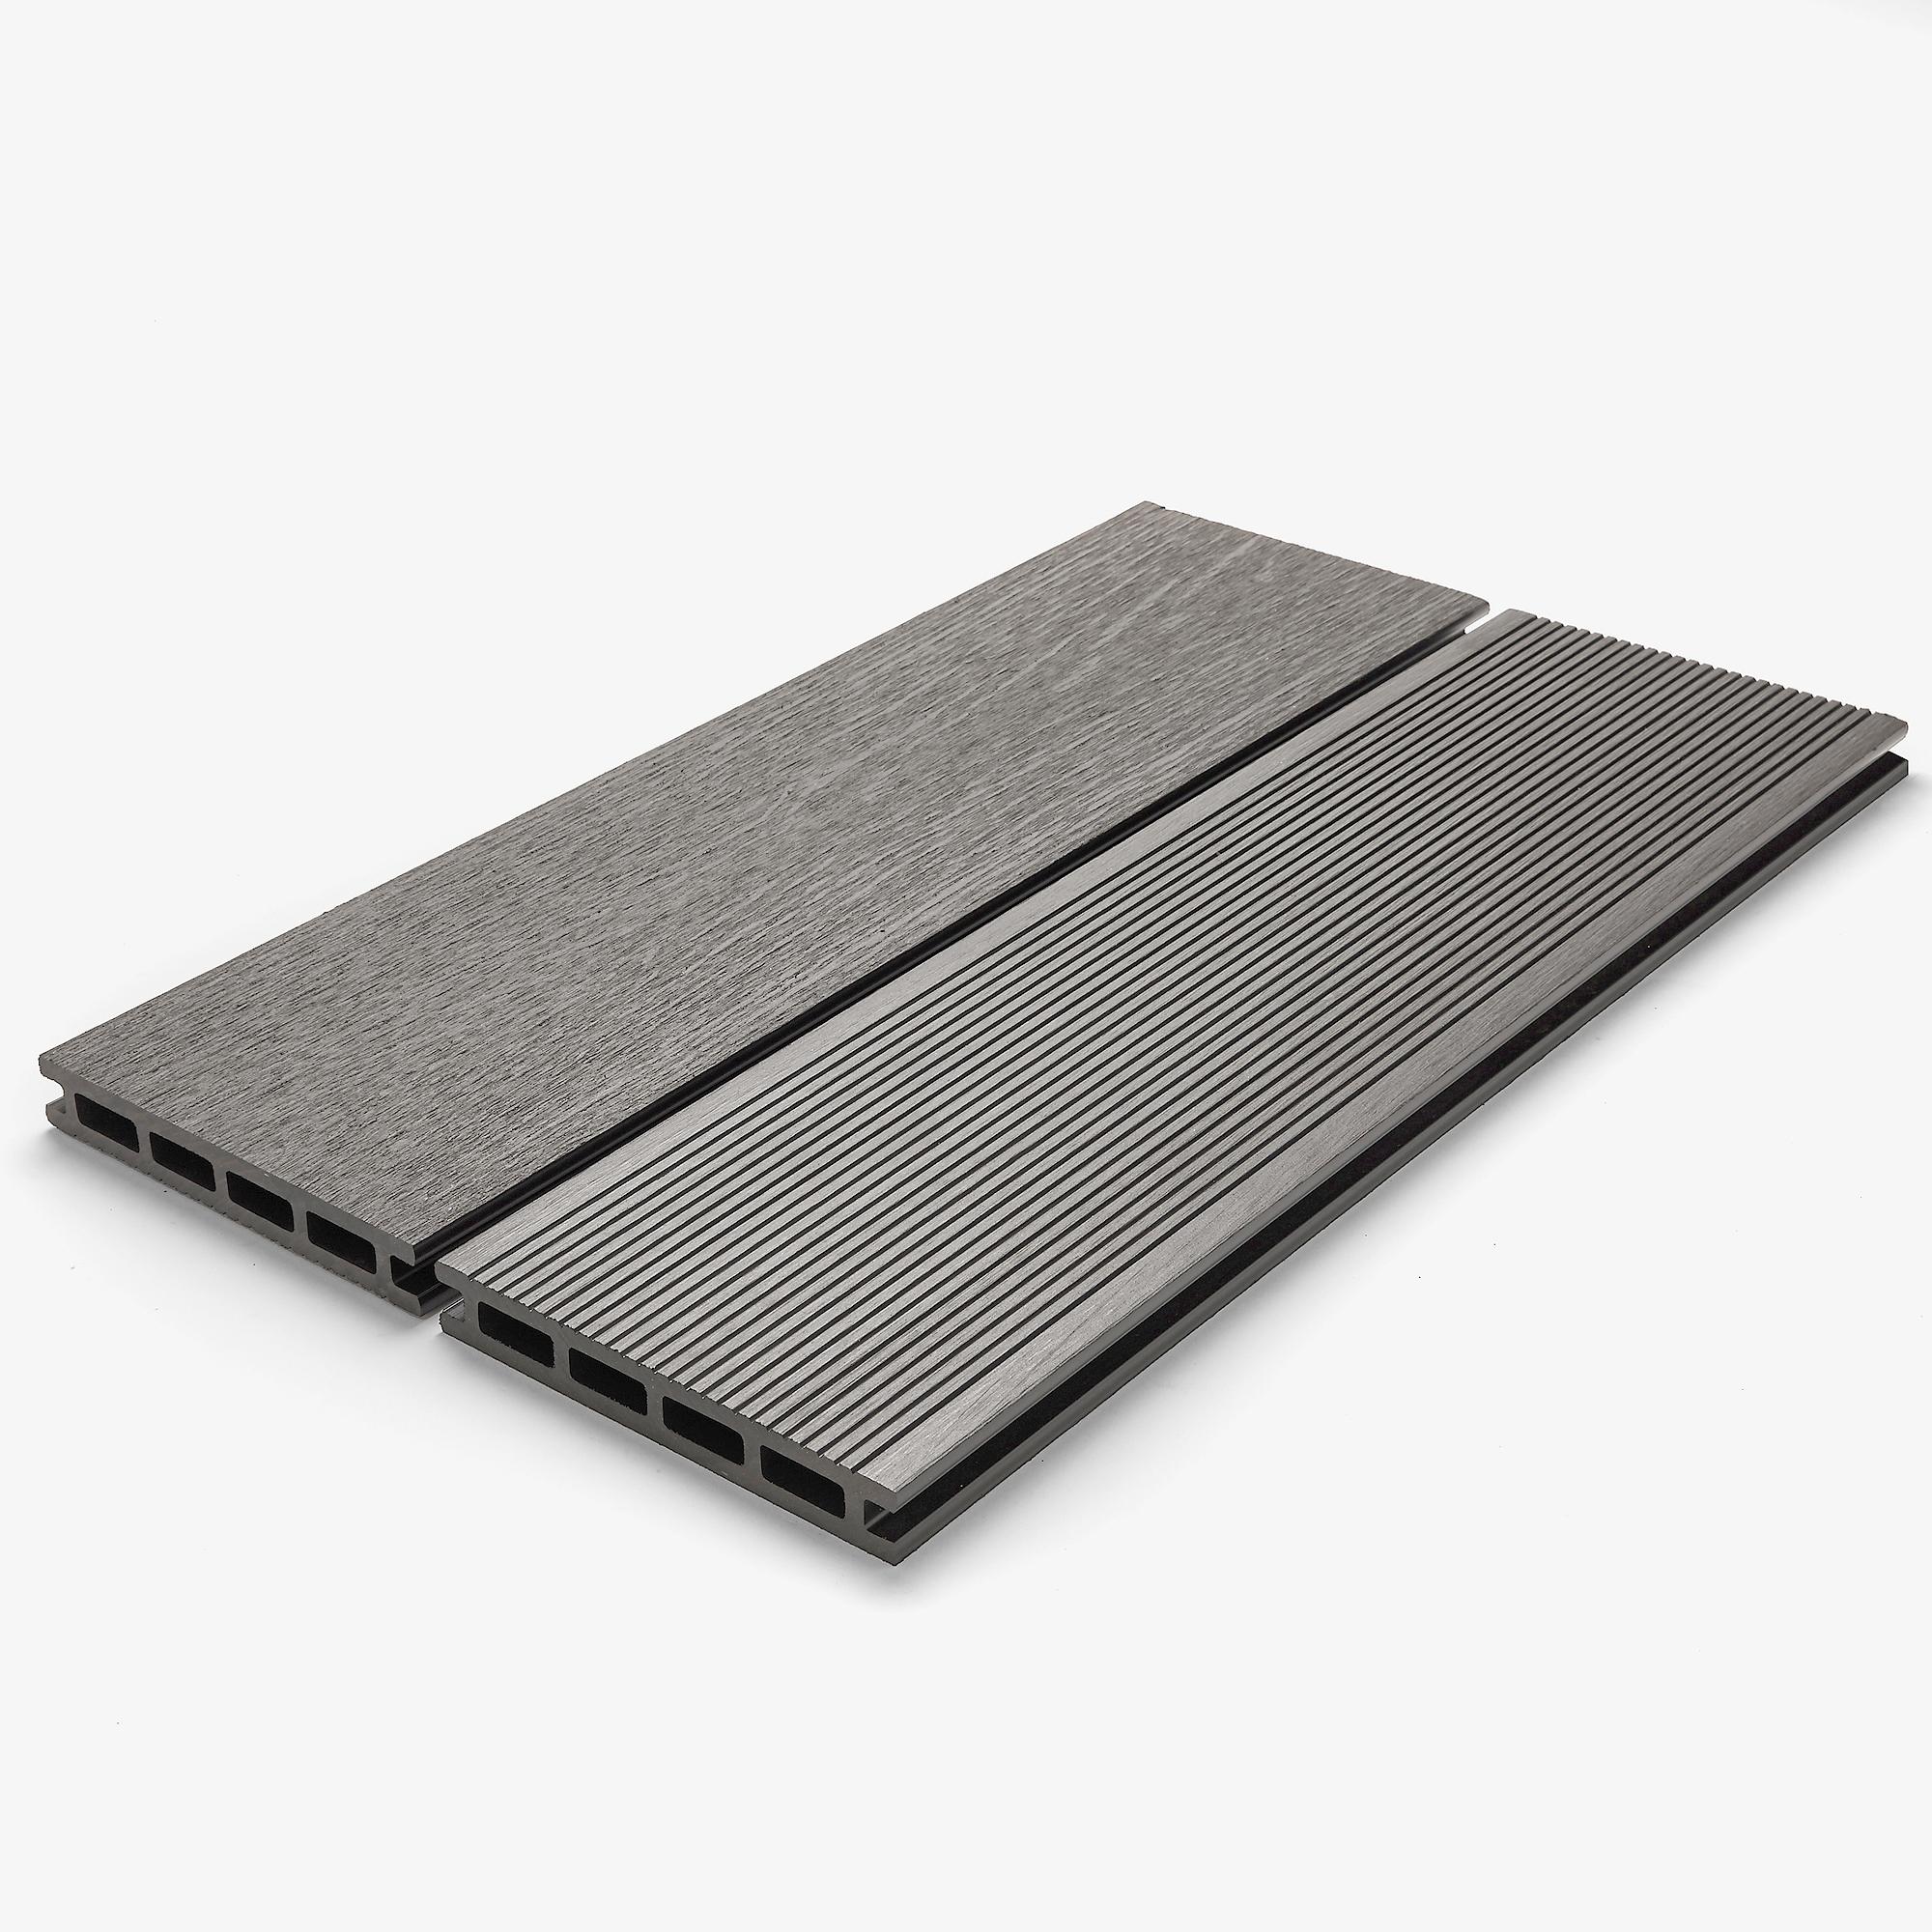 DURATRAC Decking - Pioneer - Stone.jpg